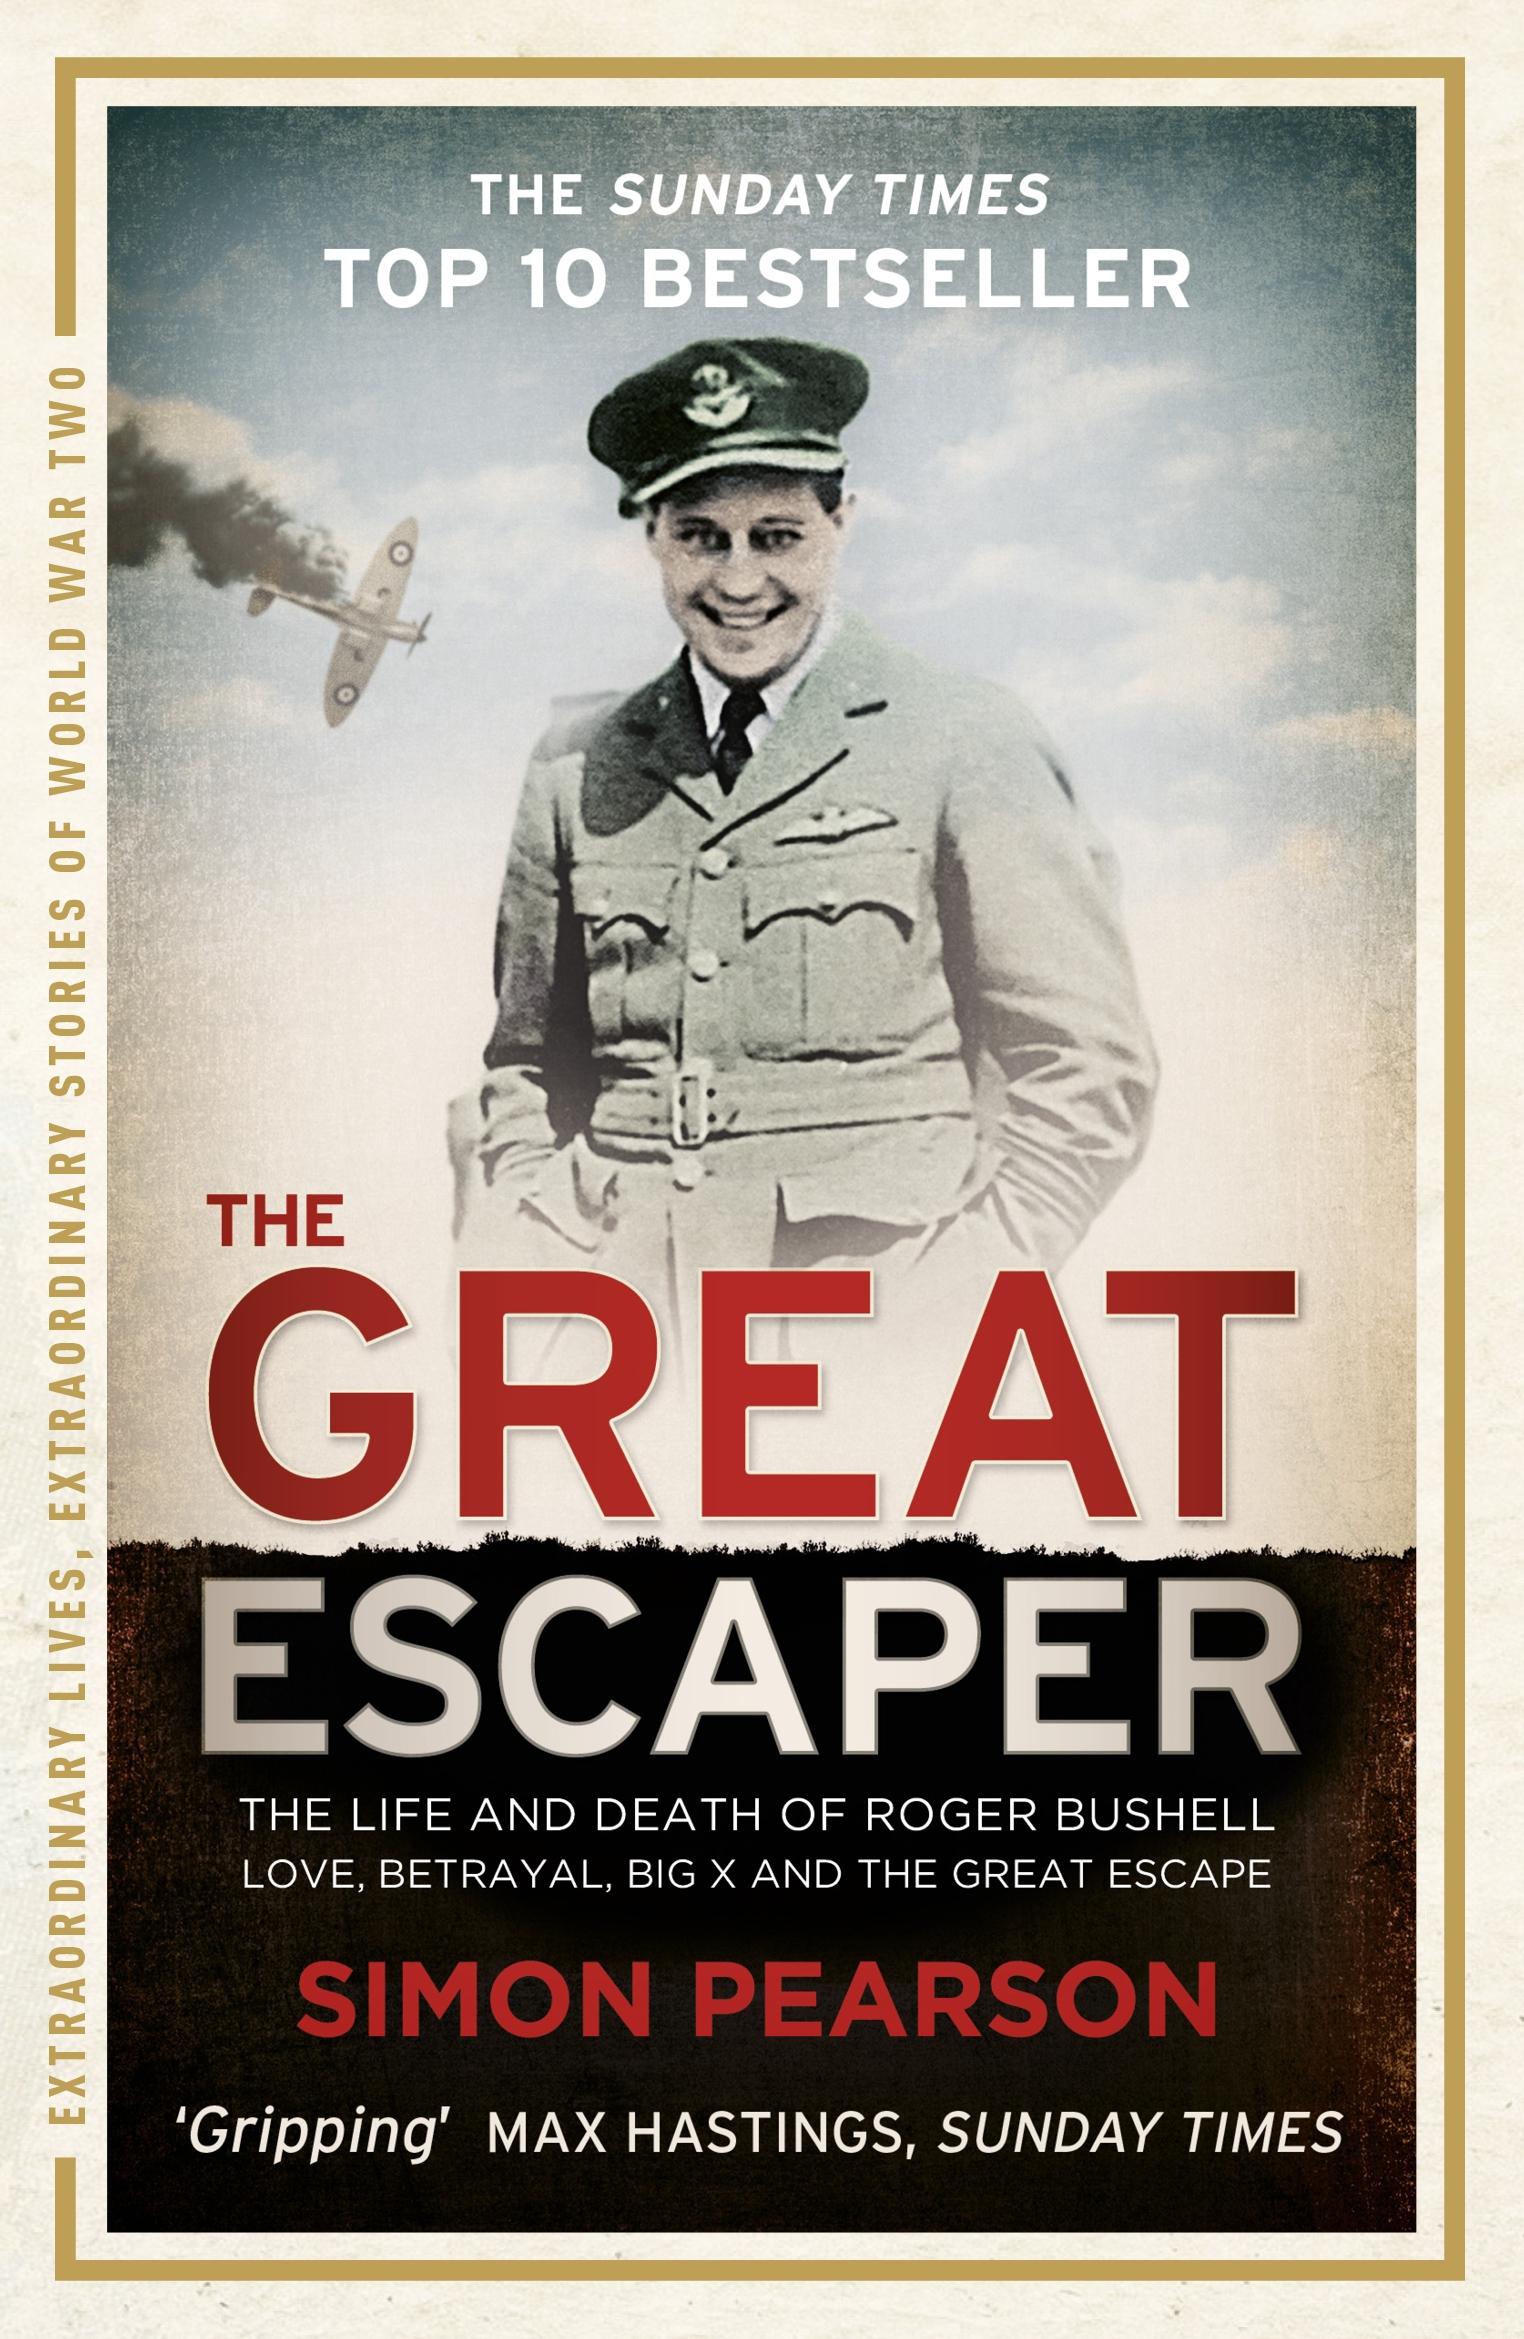 d2a71eeebb The Great Escaper by Simon Pearson